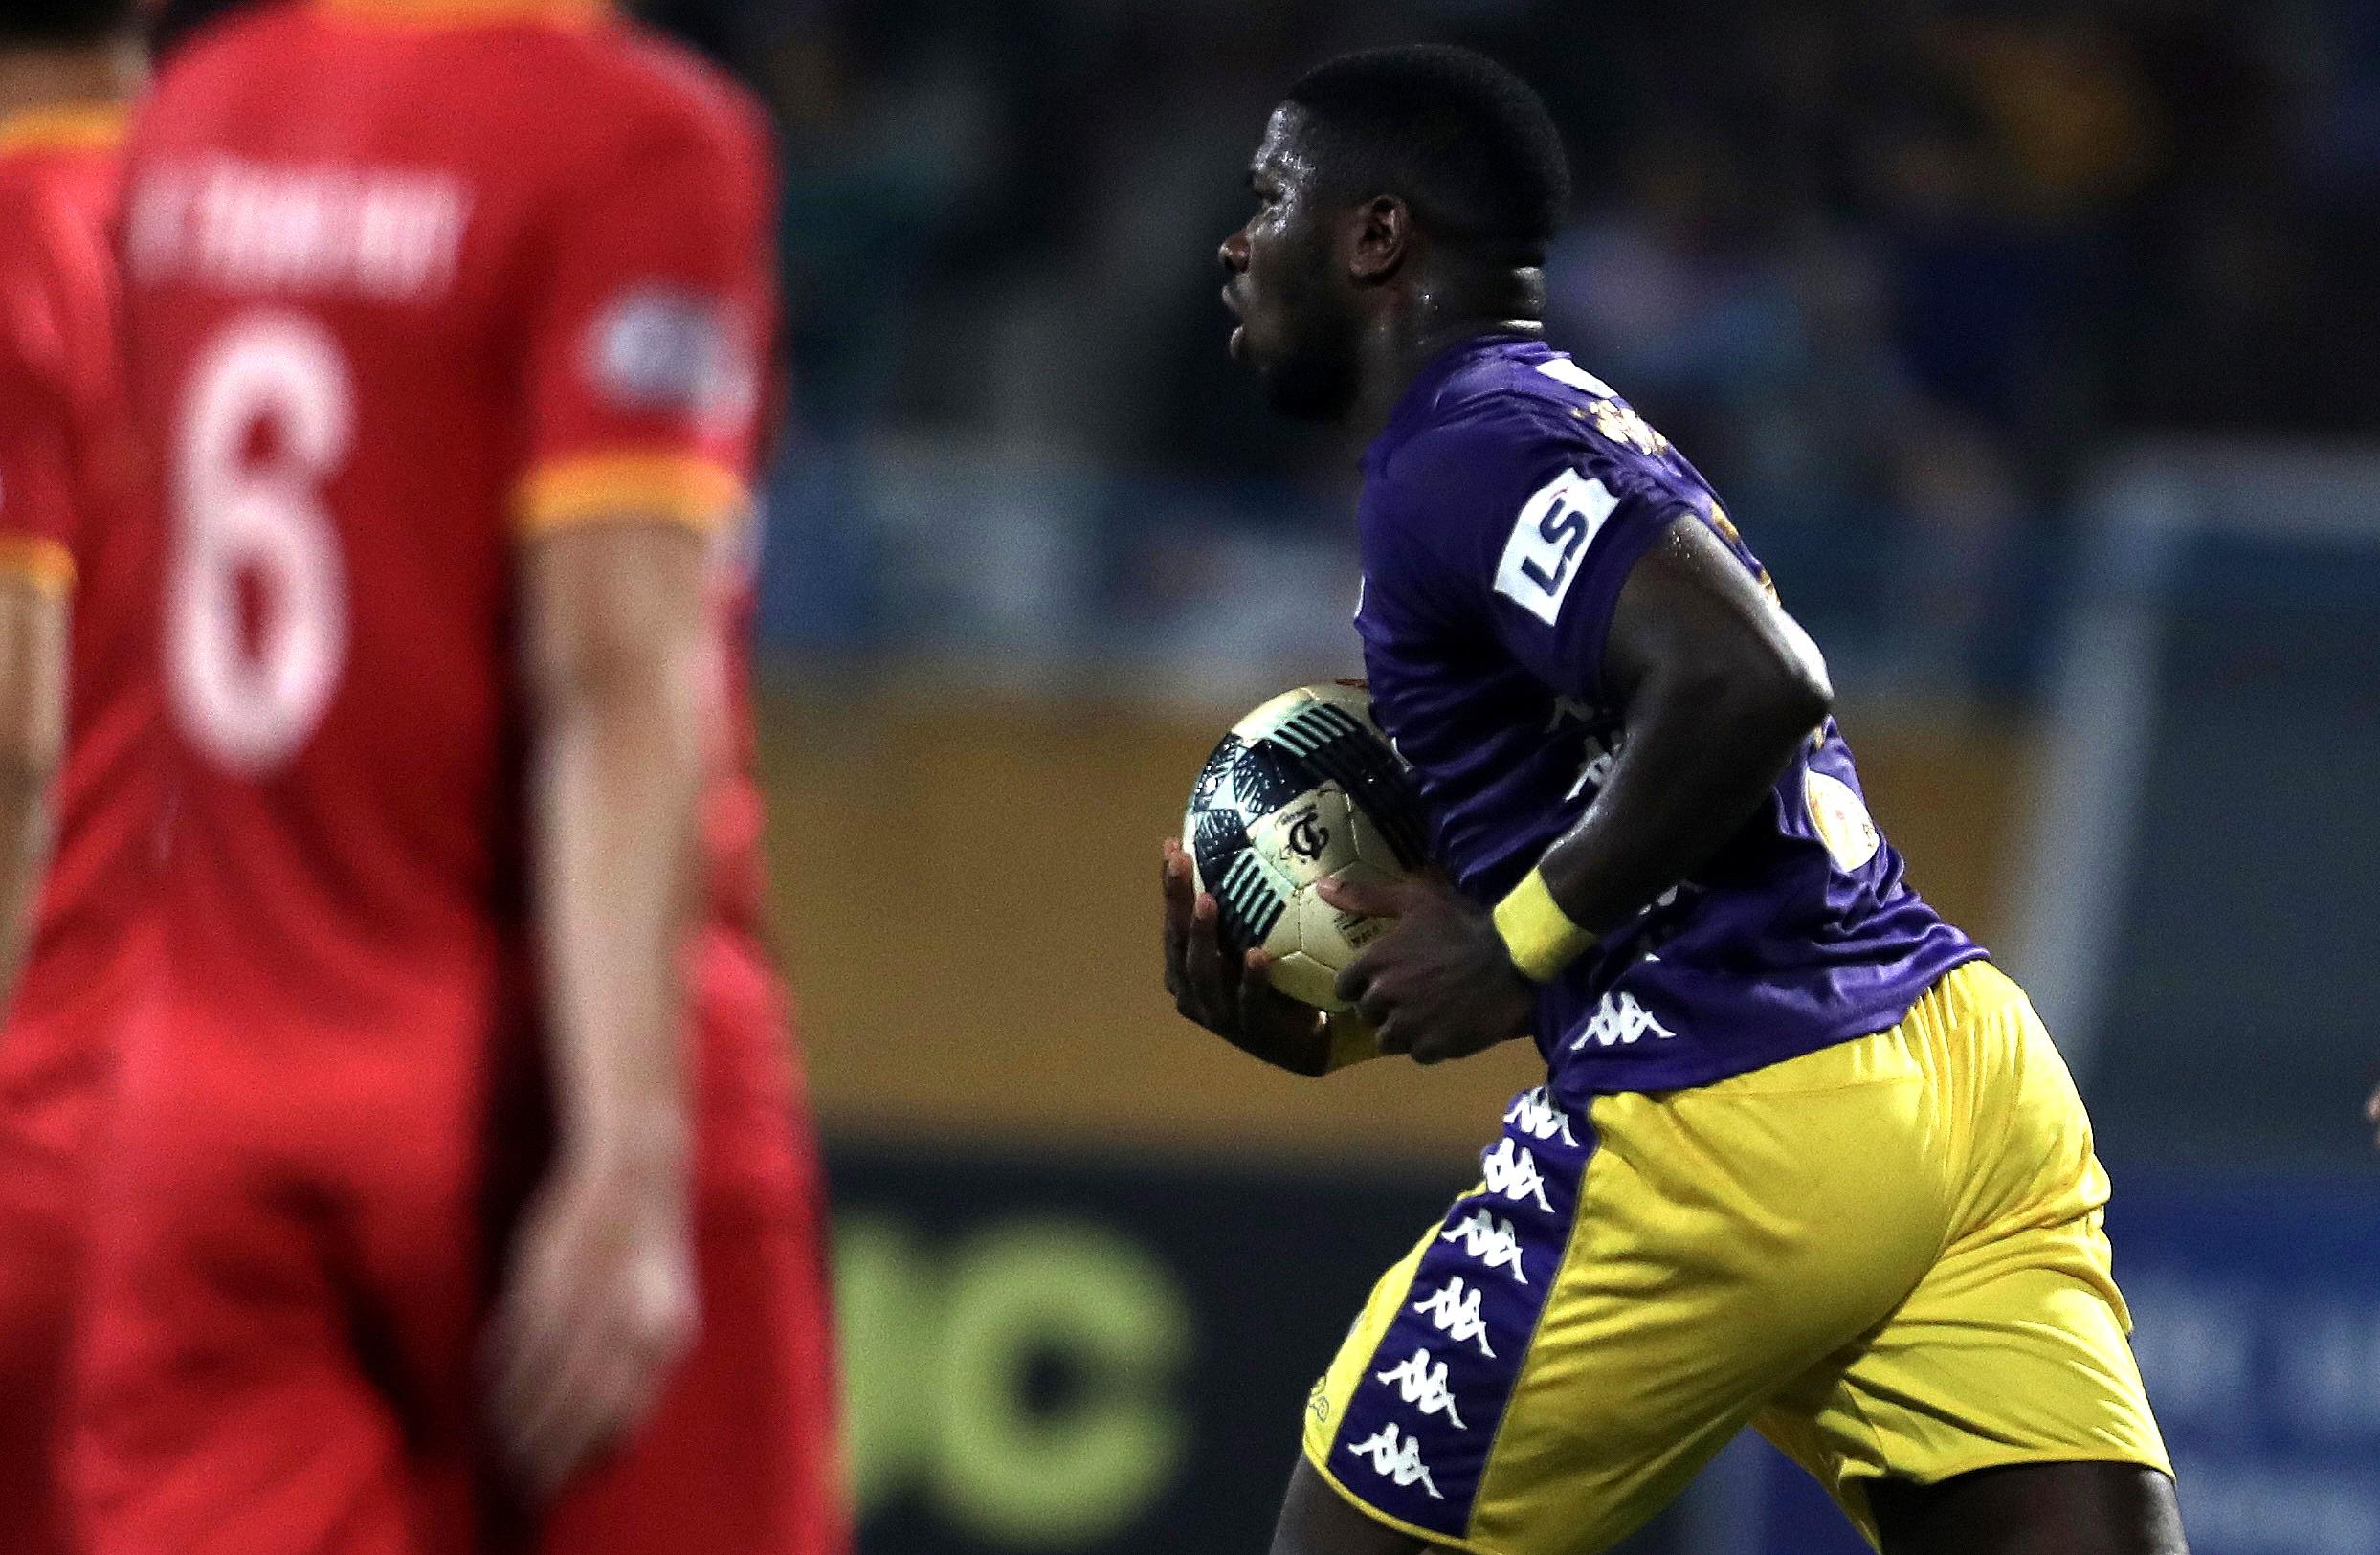 Lập công ở phút 90, Quang Hải đưa CLB Hà Nội lên ngôi đầu V-League - 8